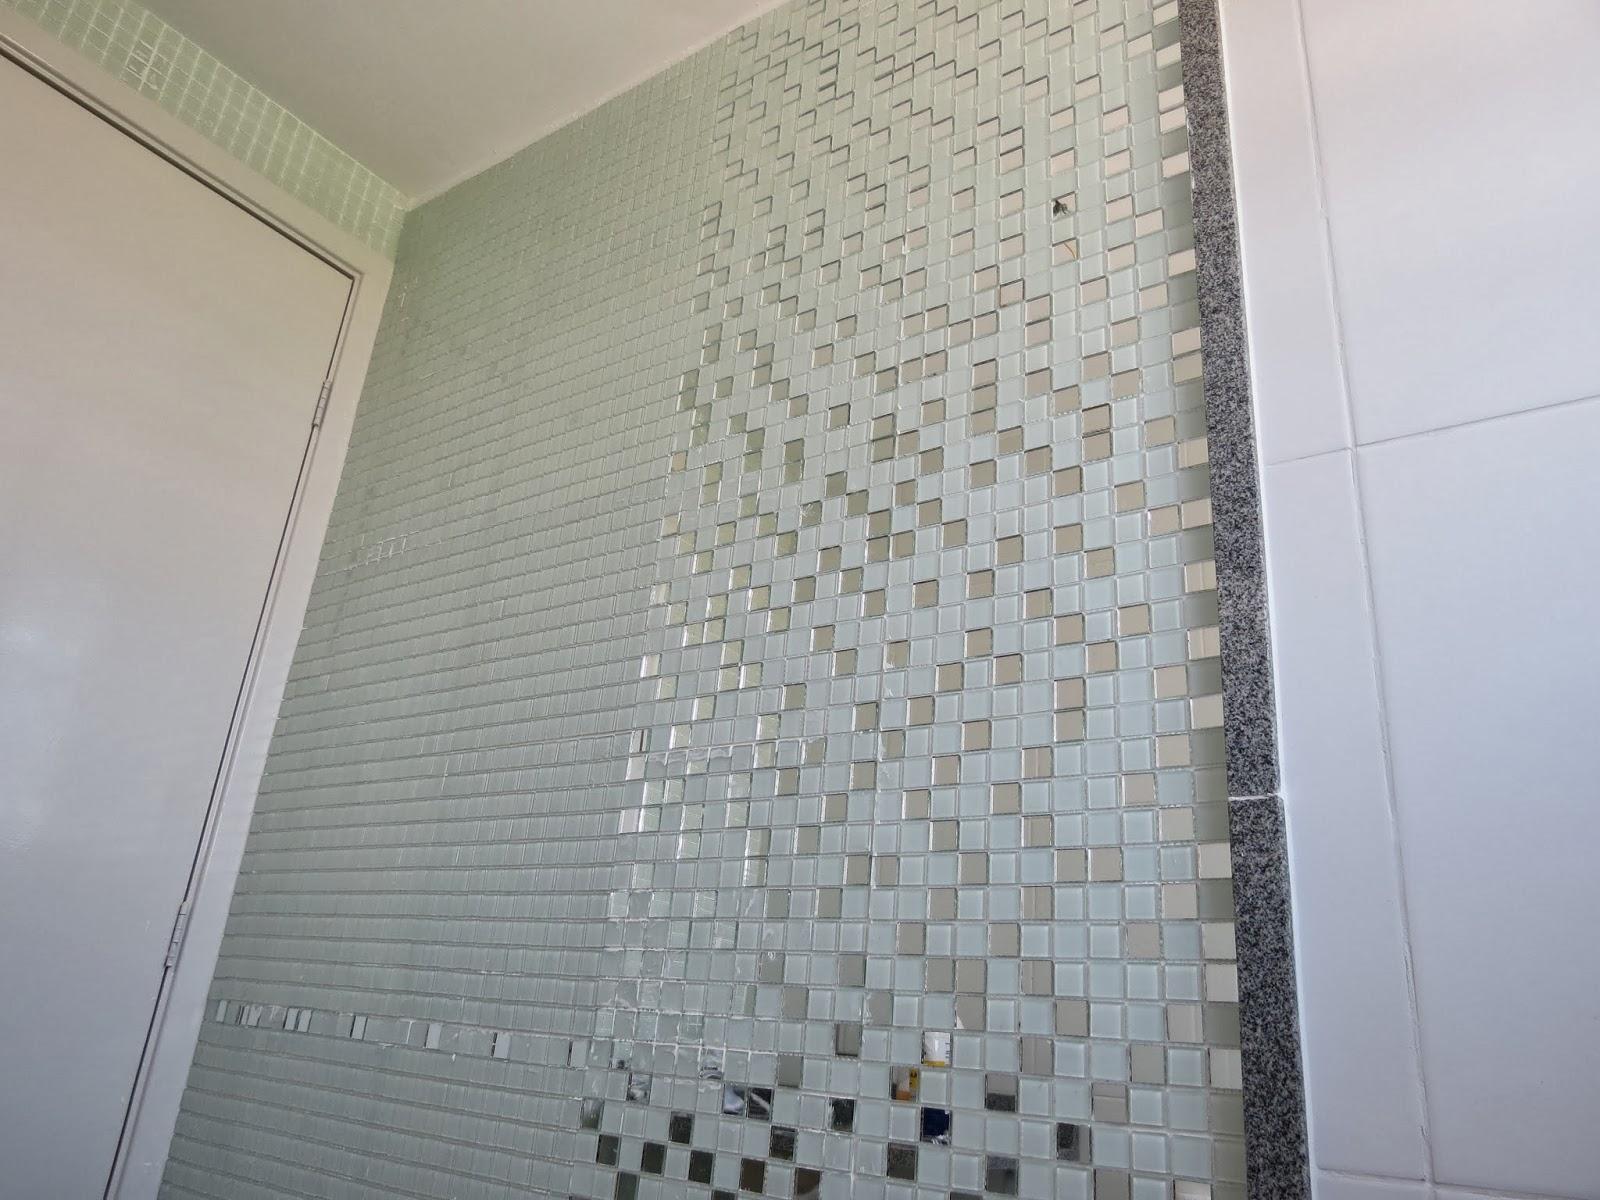 TadoAvesso: Apartamento Pastilhas de Vidro no Banheiro #736958 1600x1200 Banheiro Azulejo Pastilha